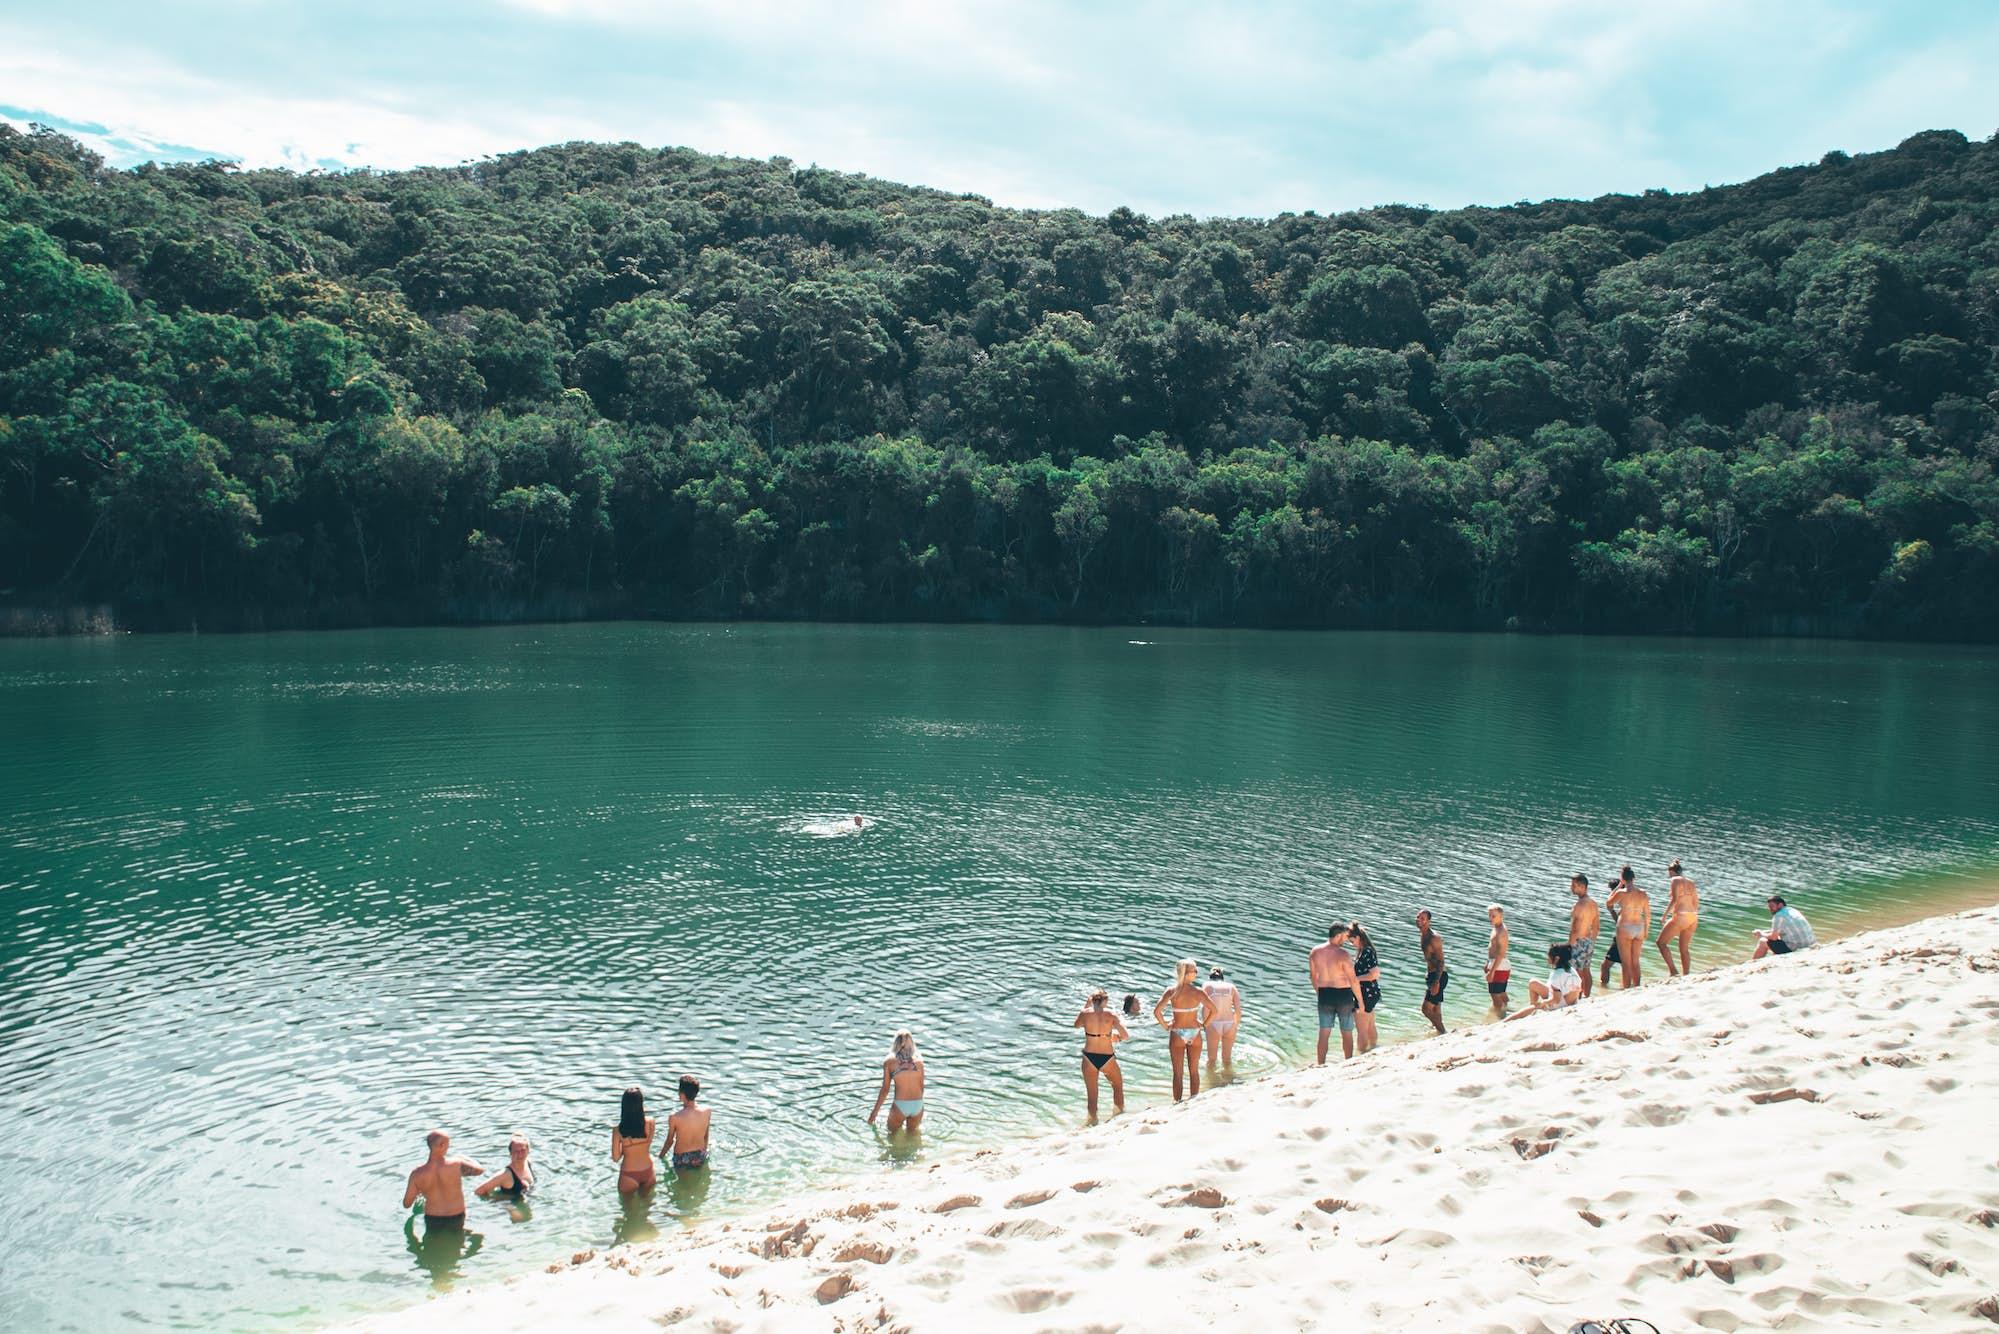 lake wabby fraser island